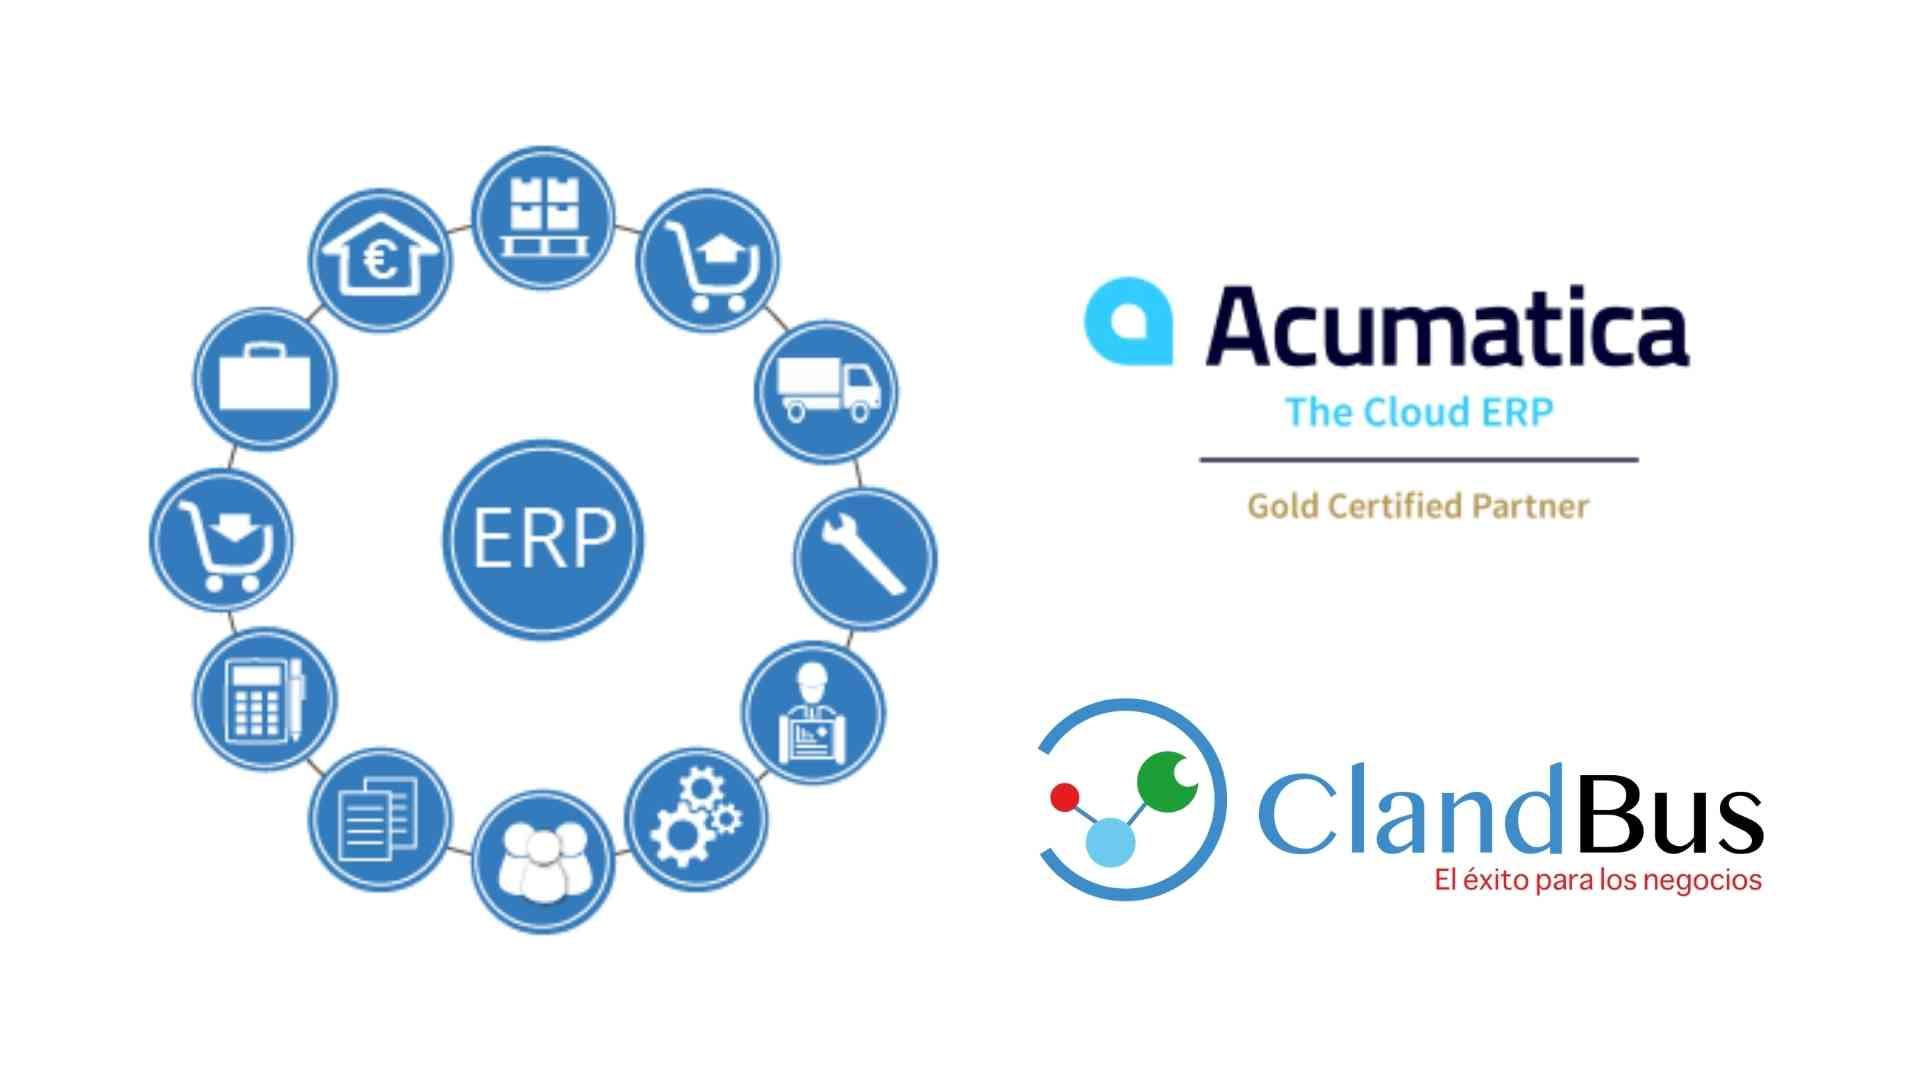 ciclo de vida de implementación de un erp - Obtén el seguimiento al finalizar el proyecto con soporte en menos de 30 minutos con ClandBus y Acumatica ERP